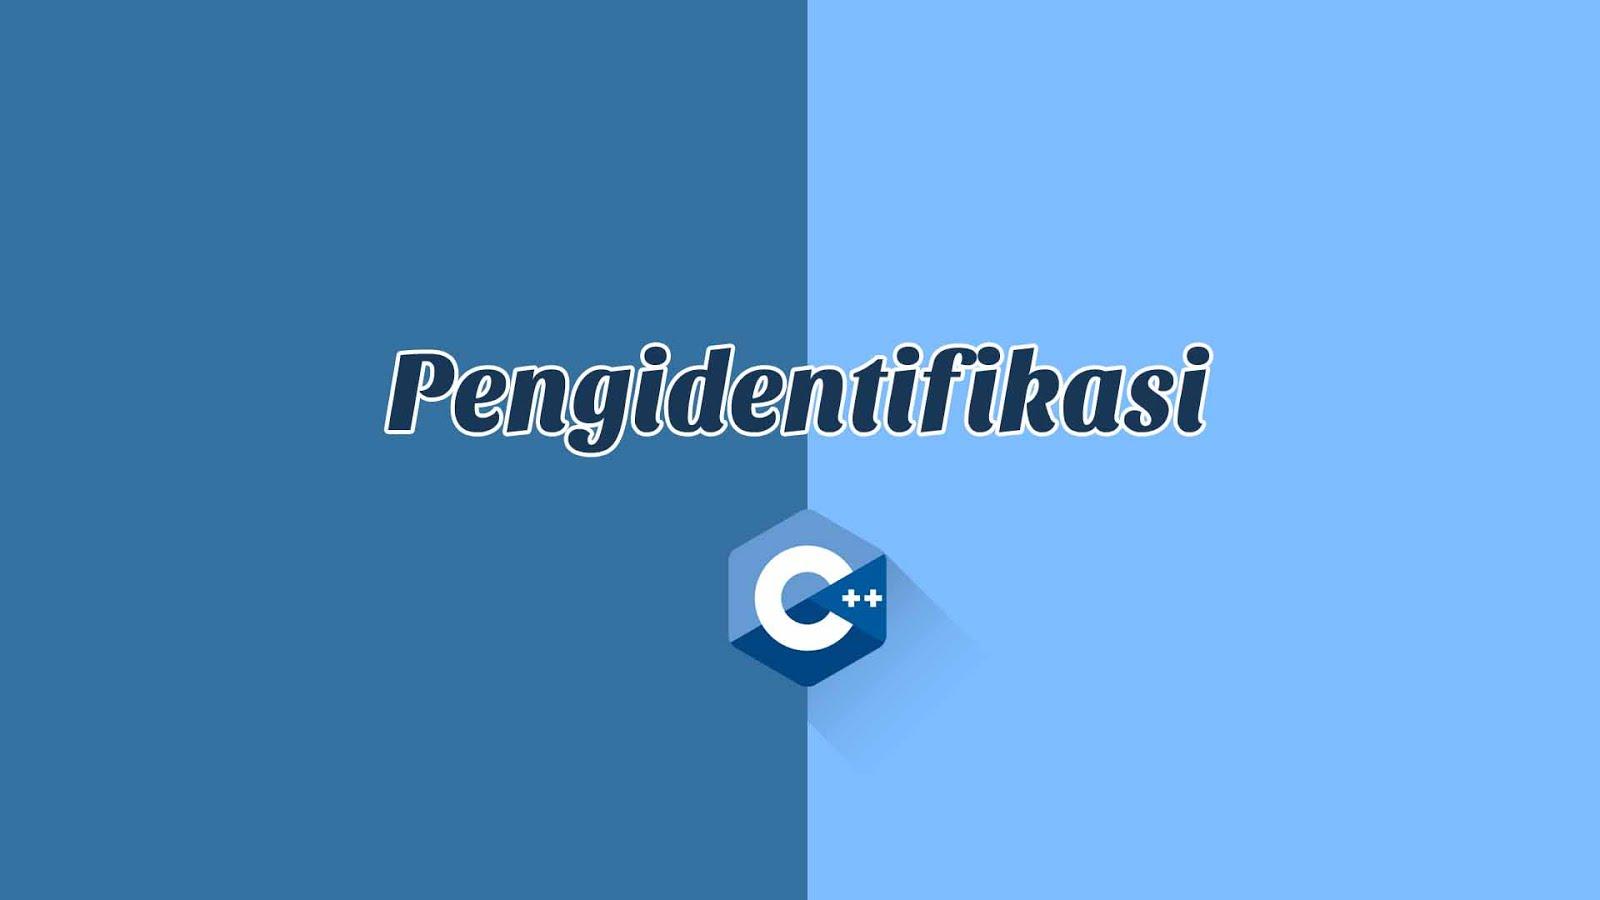 Pengidentifikasi C++